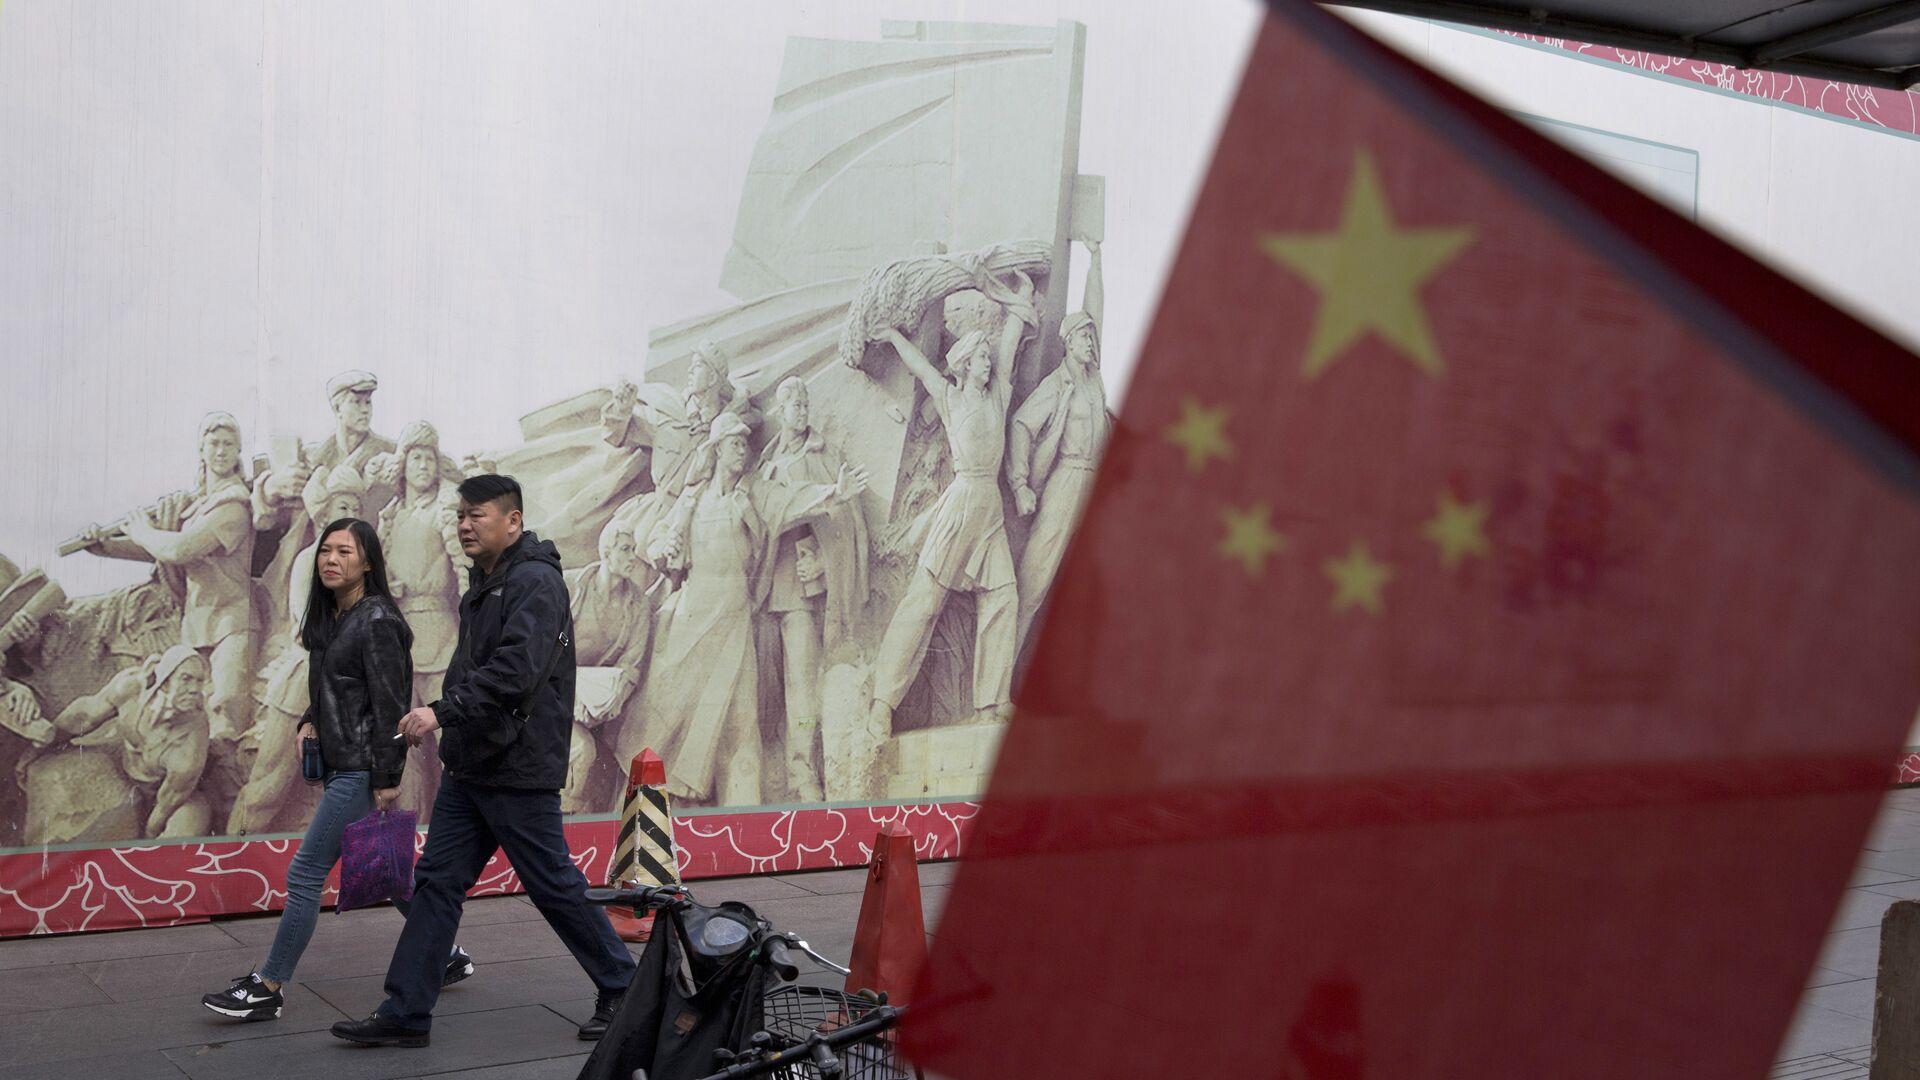 Покупатели в торговом центре в Пекине, КНР - РИА Новости, 1920, 06.02.2021